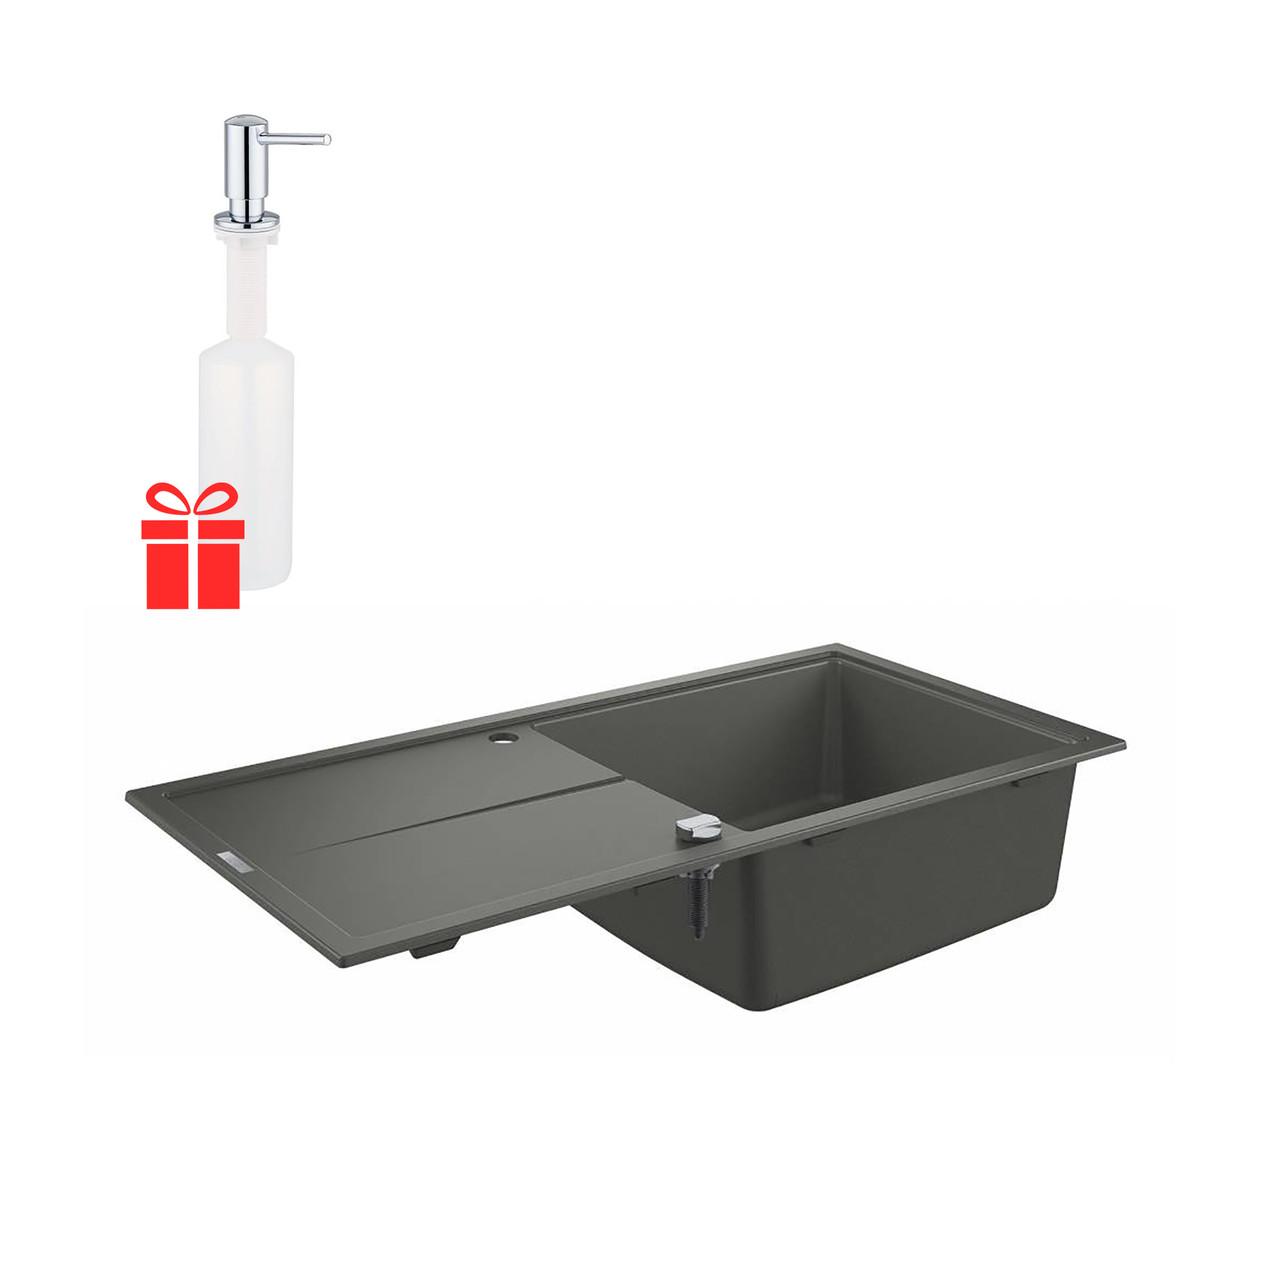 Набор Grohe мойка кухонная K400 31641AT0 + дозатор для моющего средства Contemporary 40536000